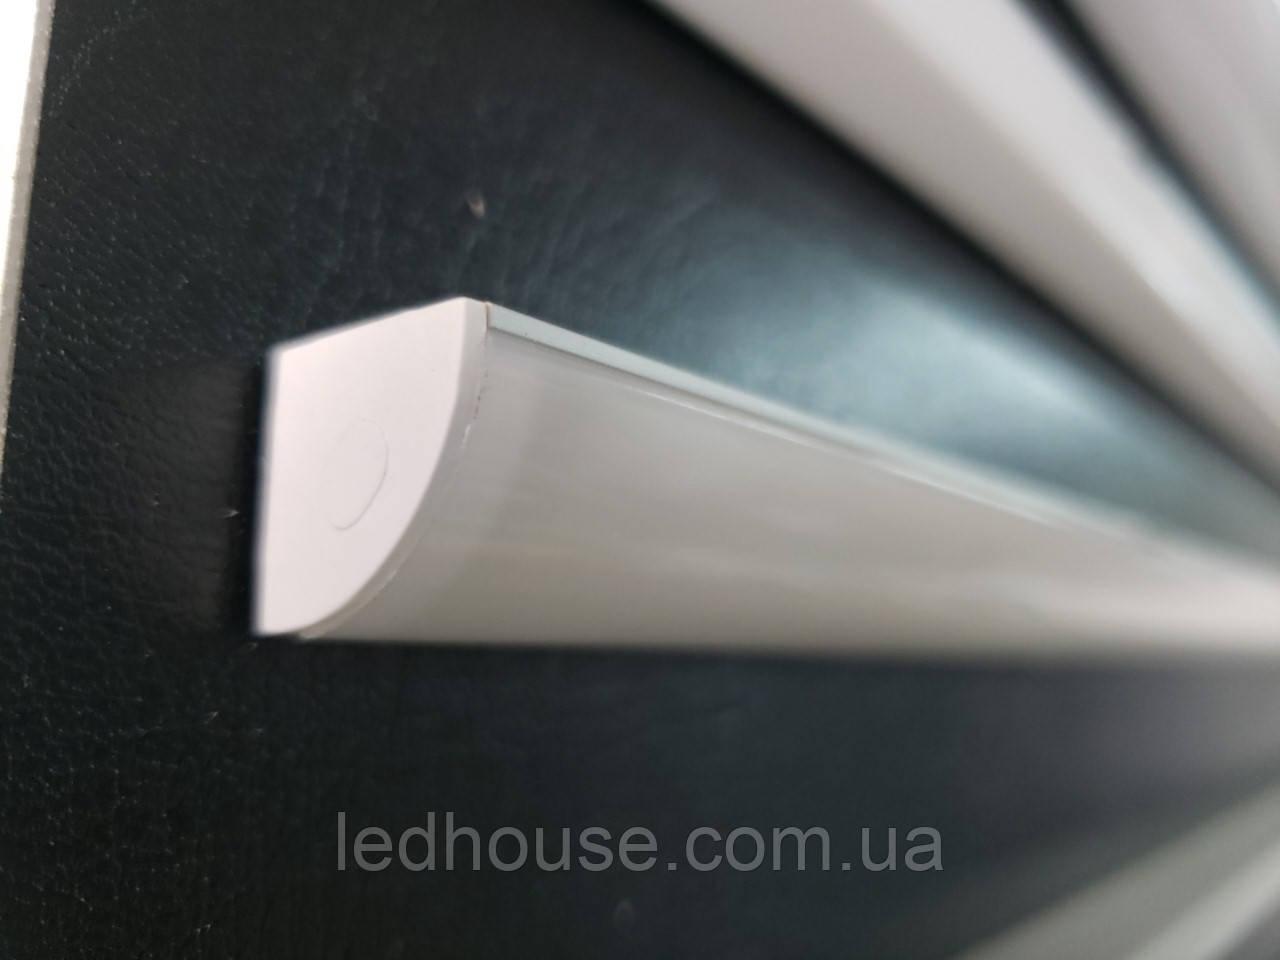 Профиль алюминиевый угловой ЛПУ16 16х16 анодированный